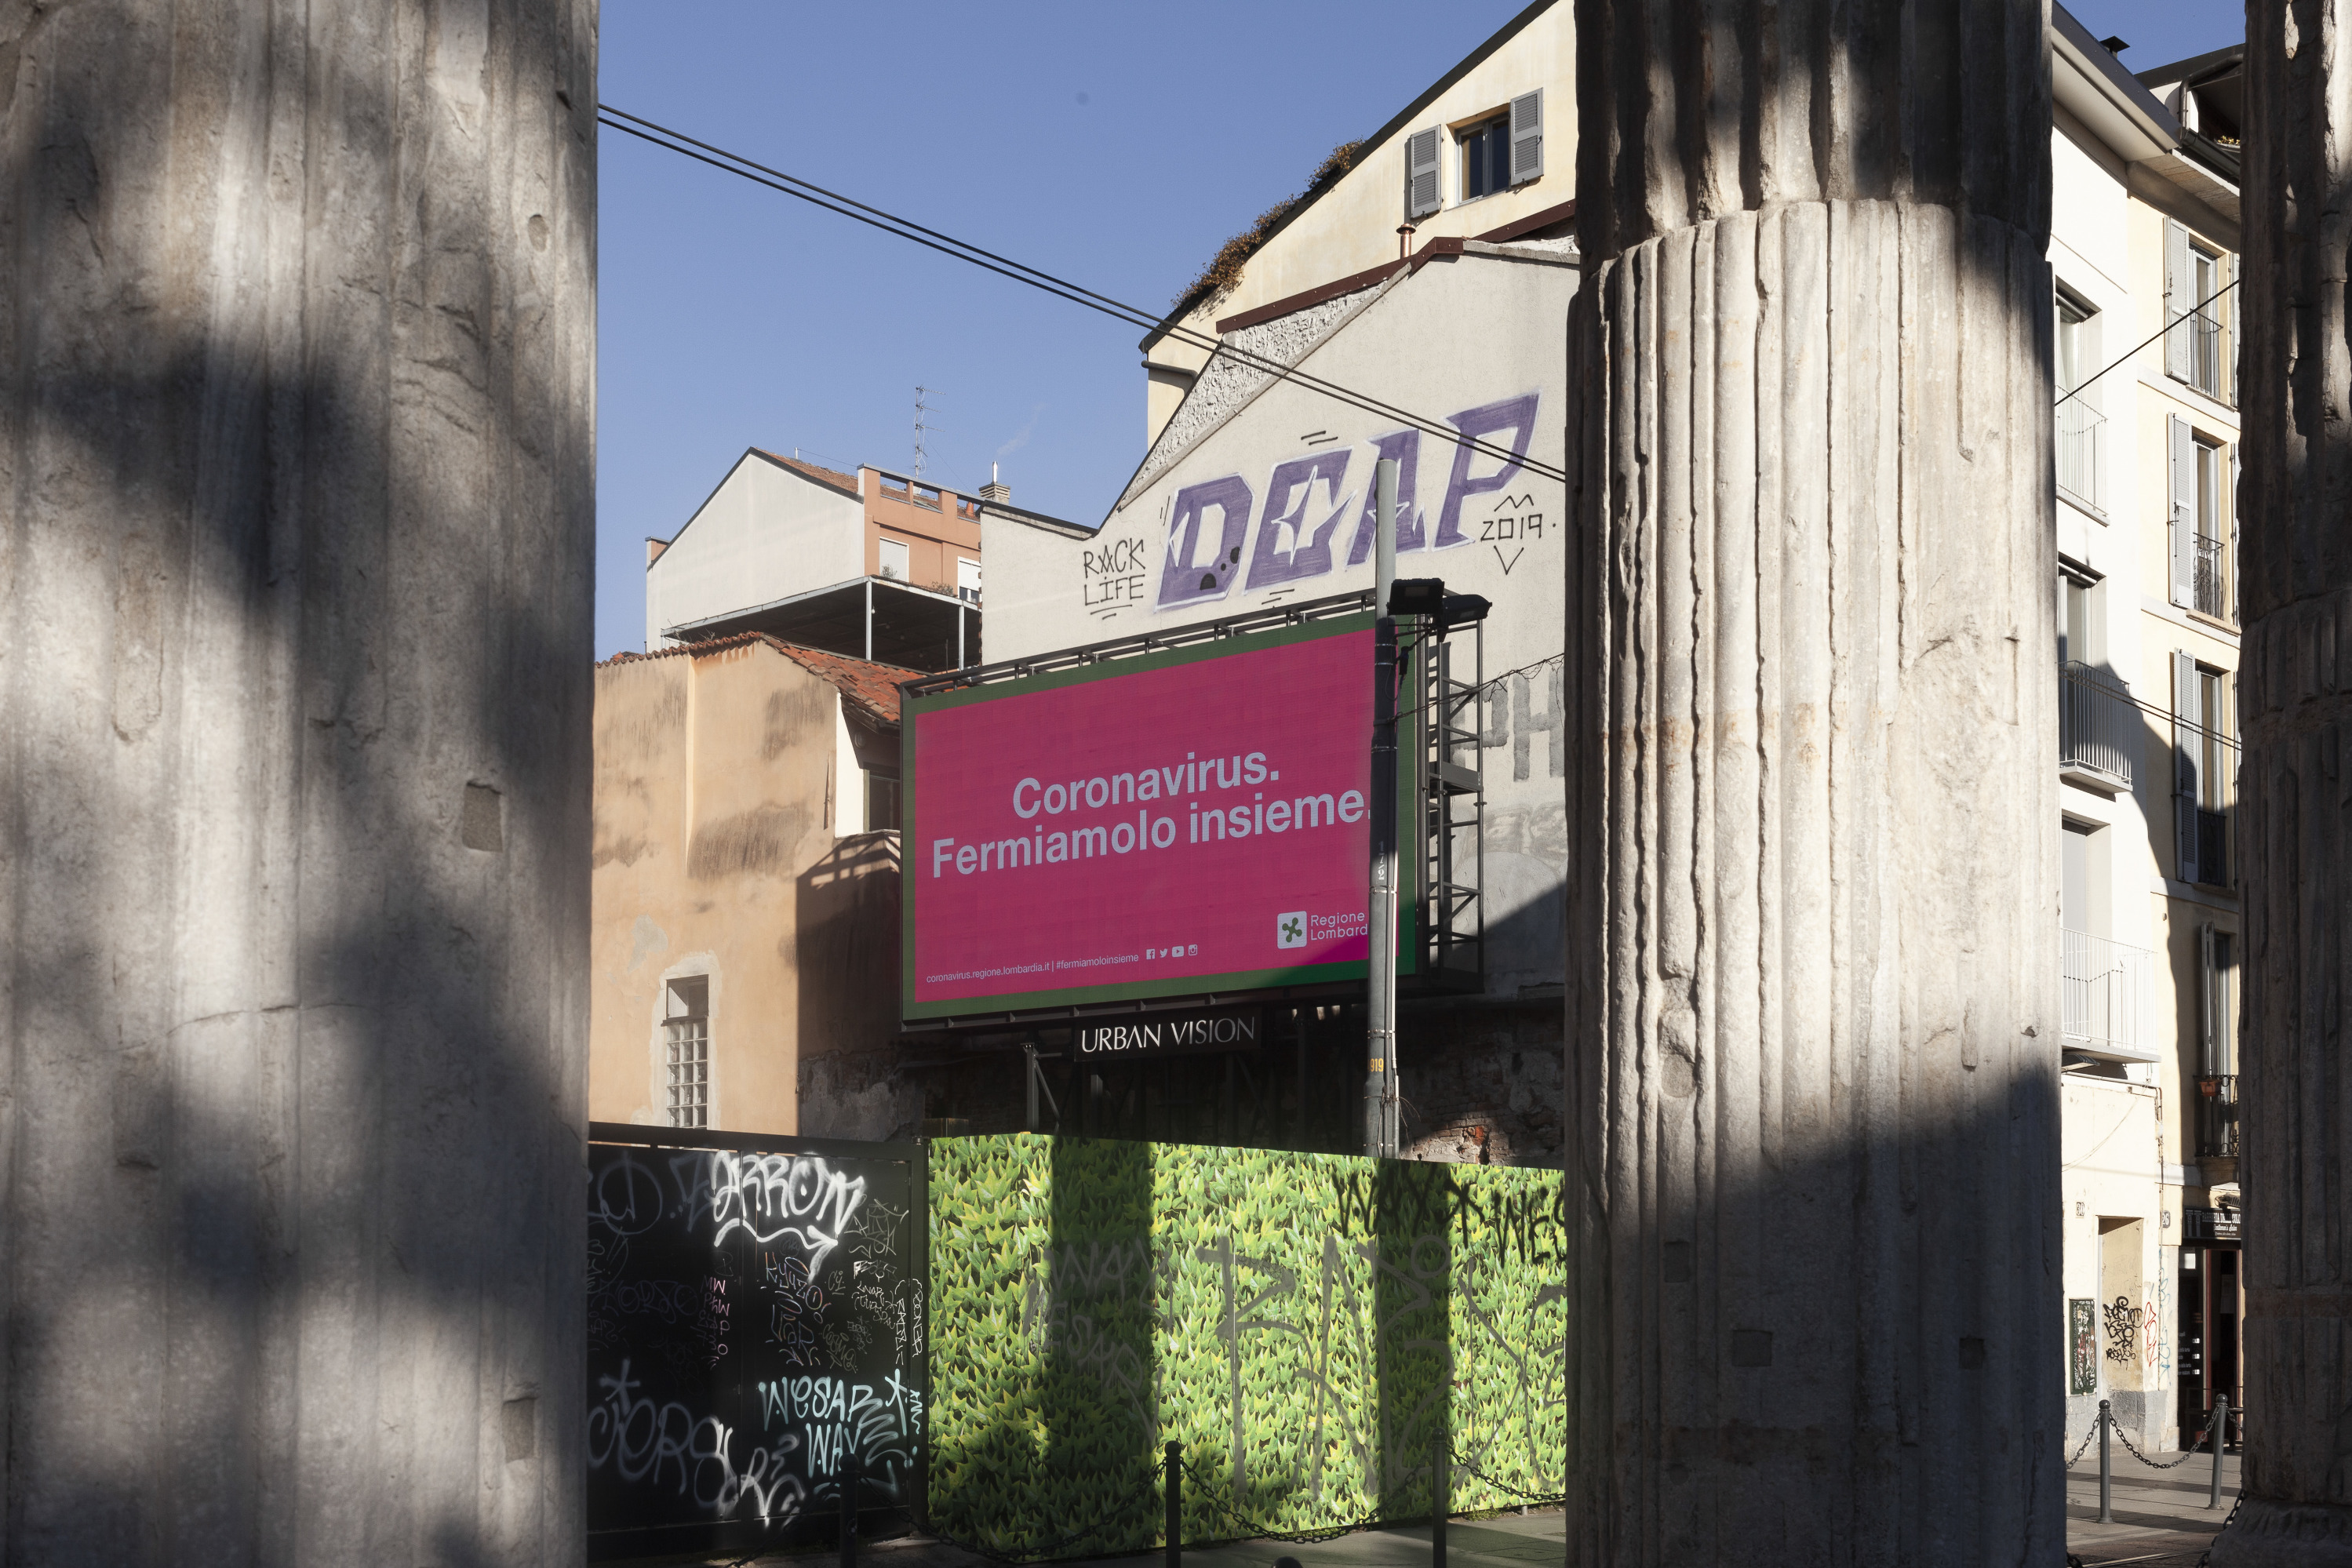 Рекламный баннер в Ломбардии говорит: «Коронавирус. Давайте остановим его вместе»